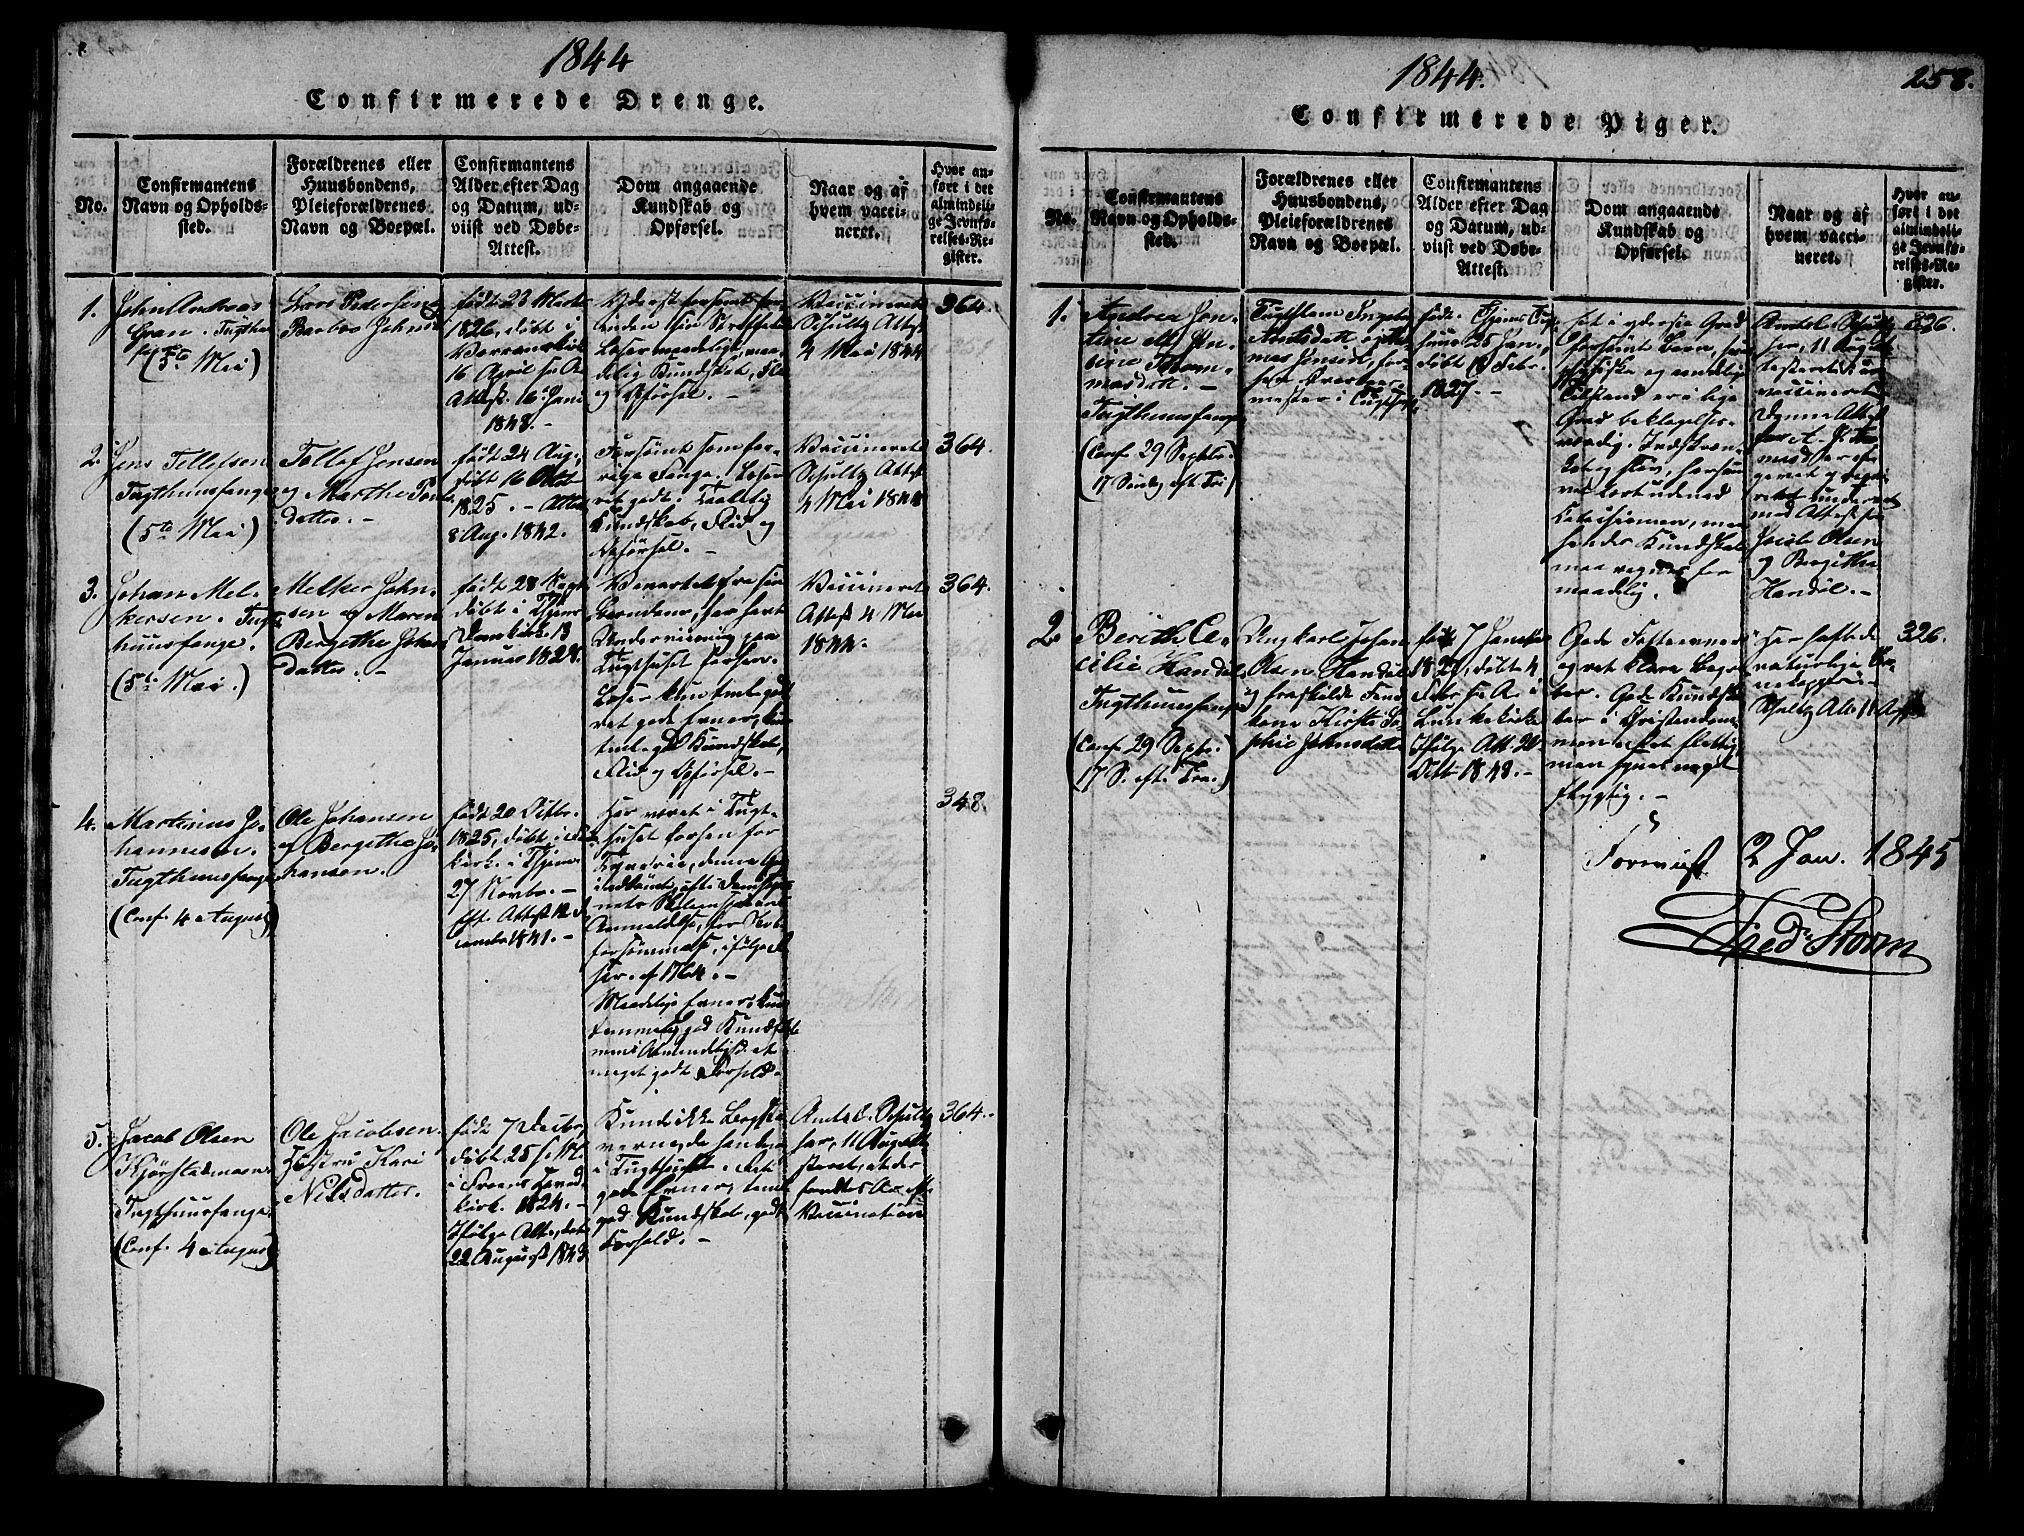 SAT, Ministerialprotokoller, klokkerbøker og fødselsregistre - Sør-Trøndelag, 623/L0478: Klokkerbok nr. 623C01, 1815-1873, s. 258